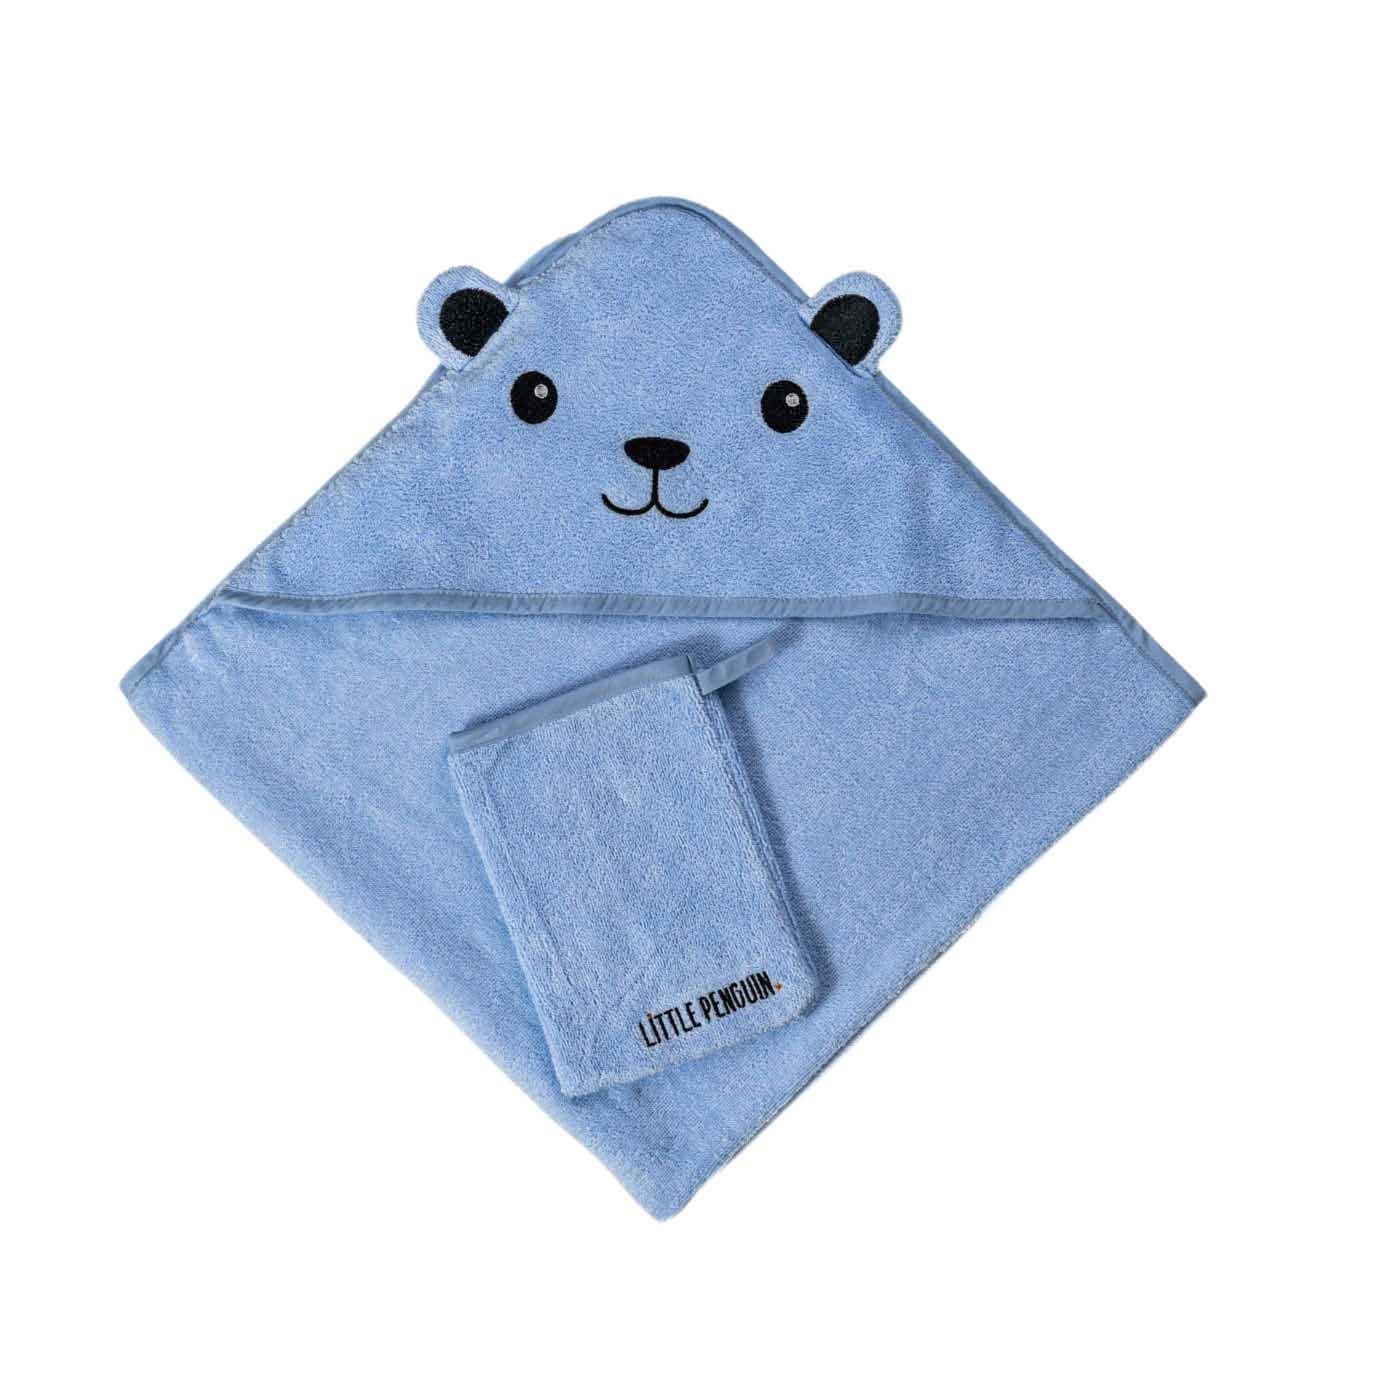 מגבת לתינוק עם קפוצ'ון - דגם כחול